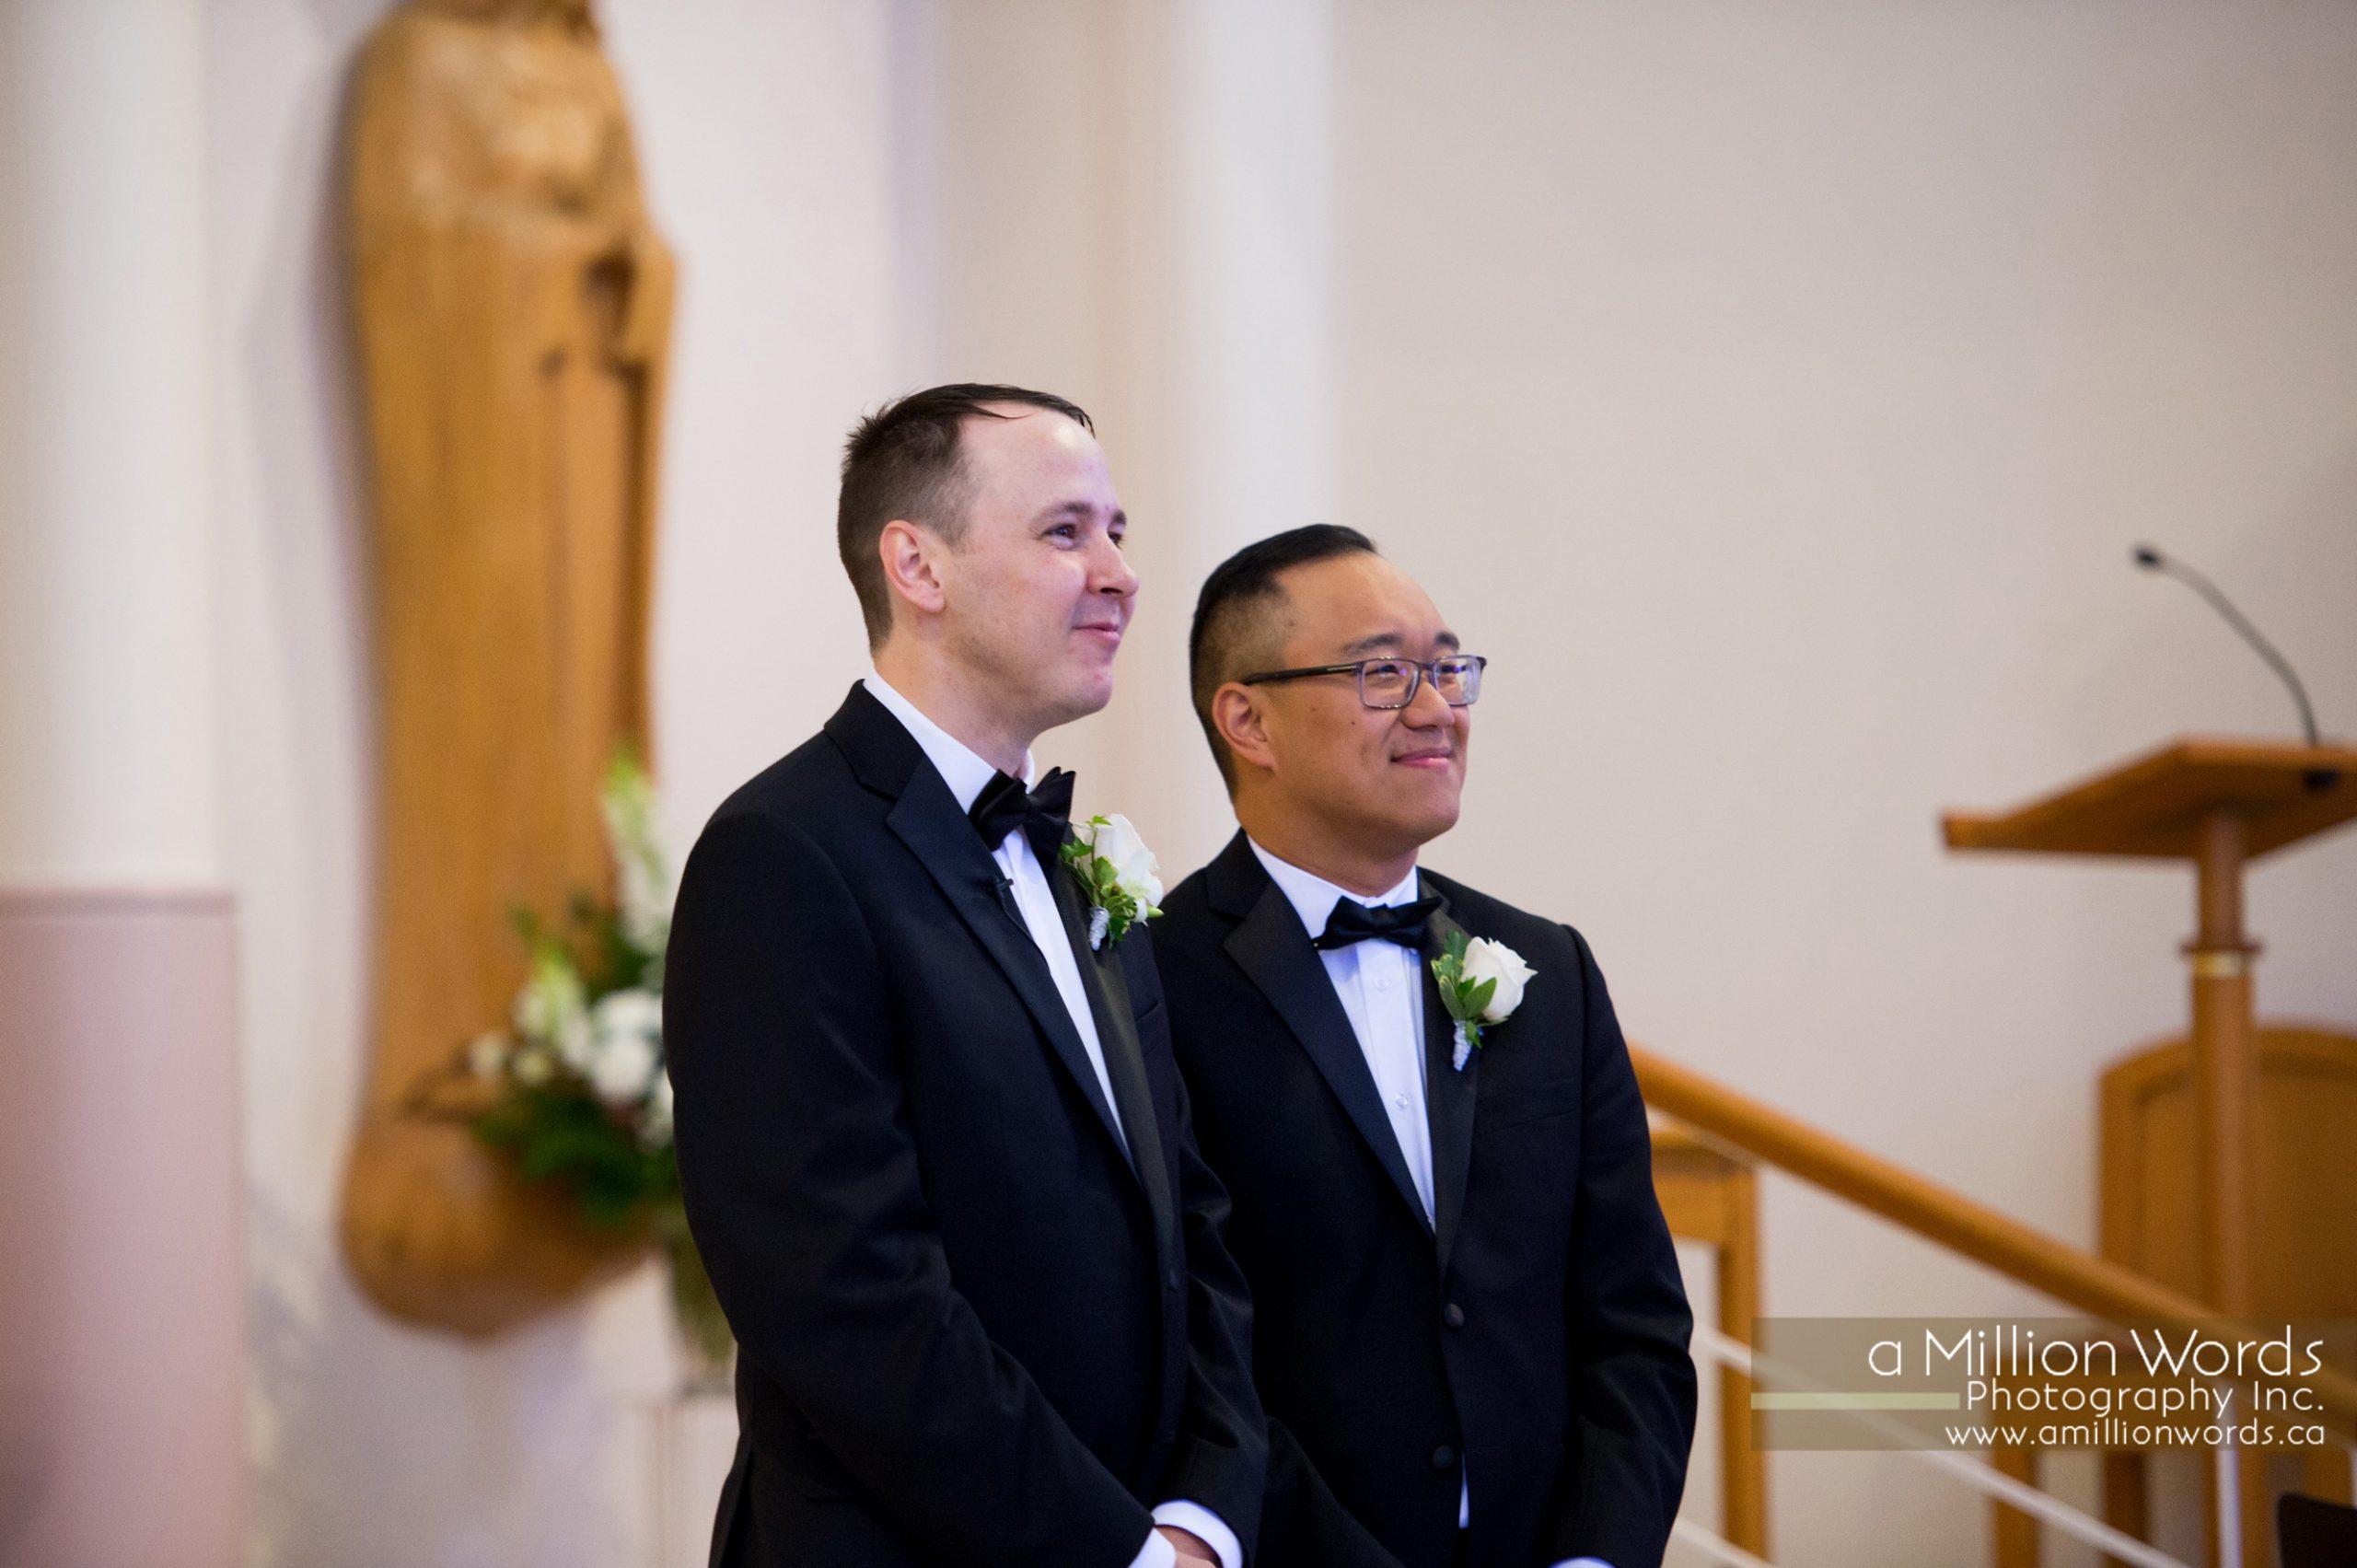 wedding_photography_kw20